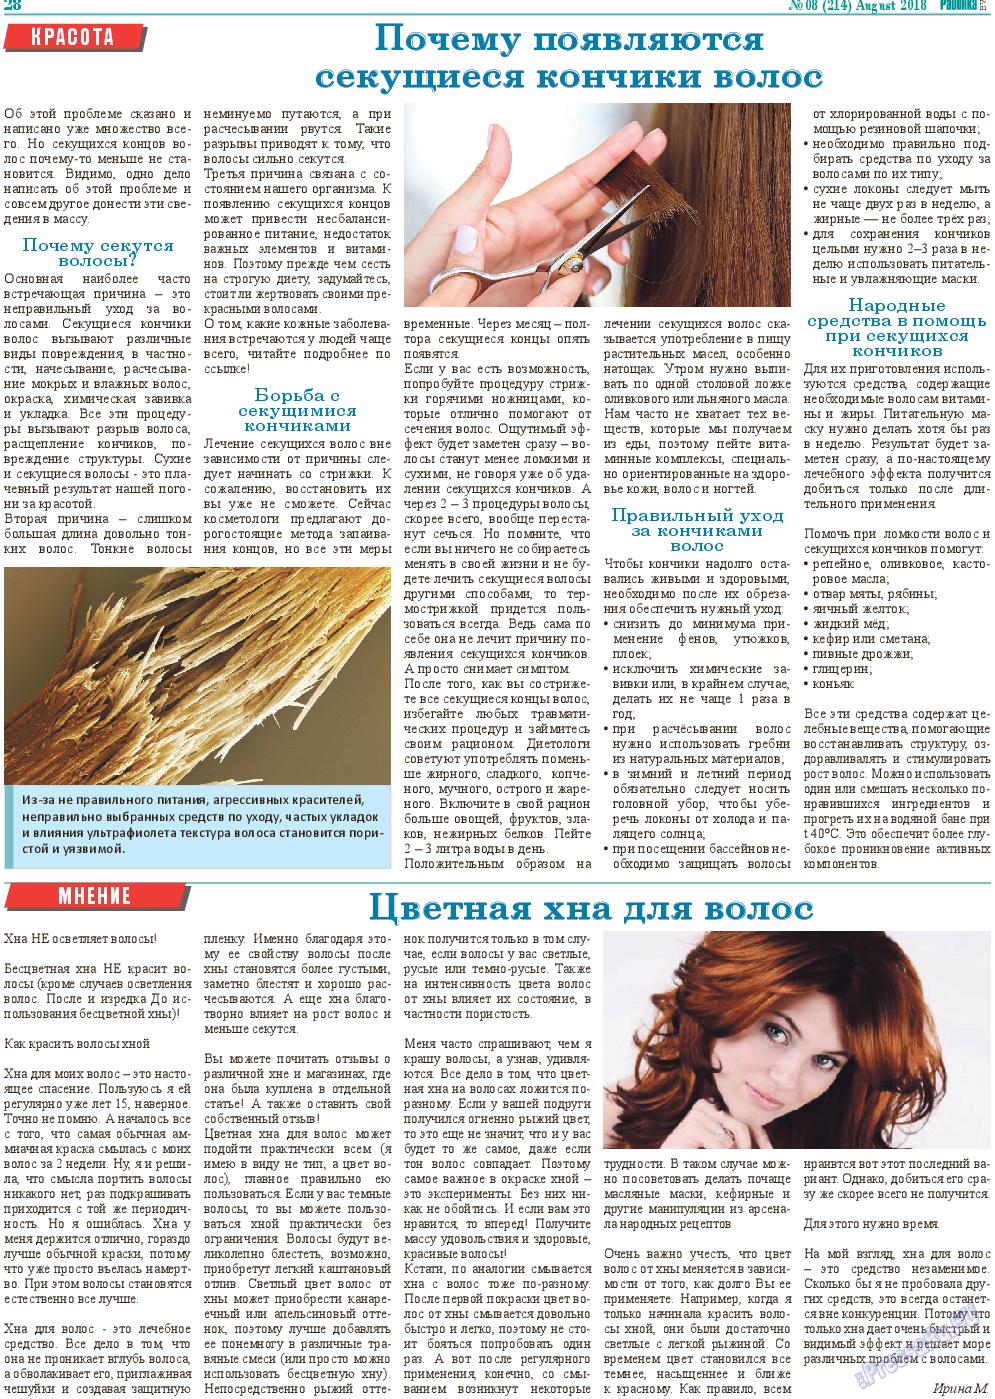 Районка-West (газета). 2018 год, номер 8, стр. 28